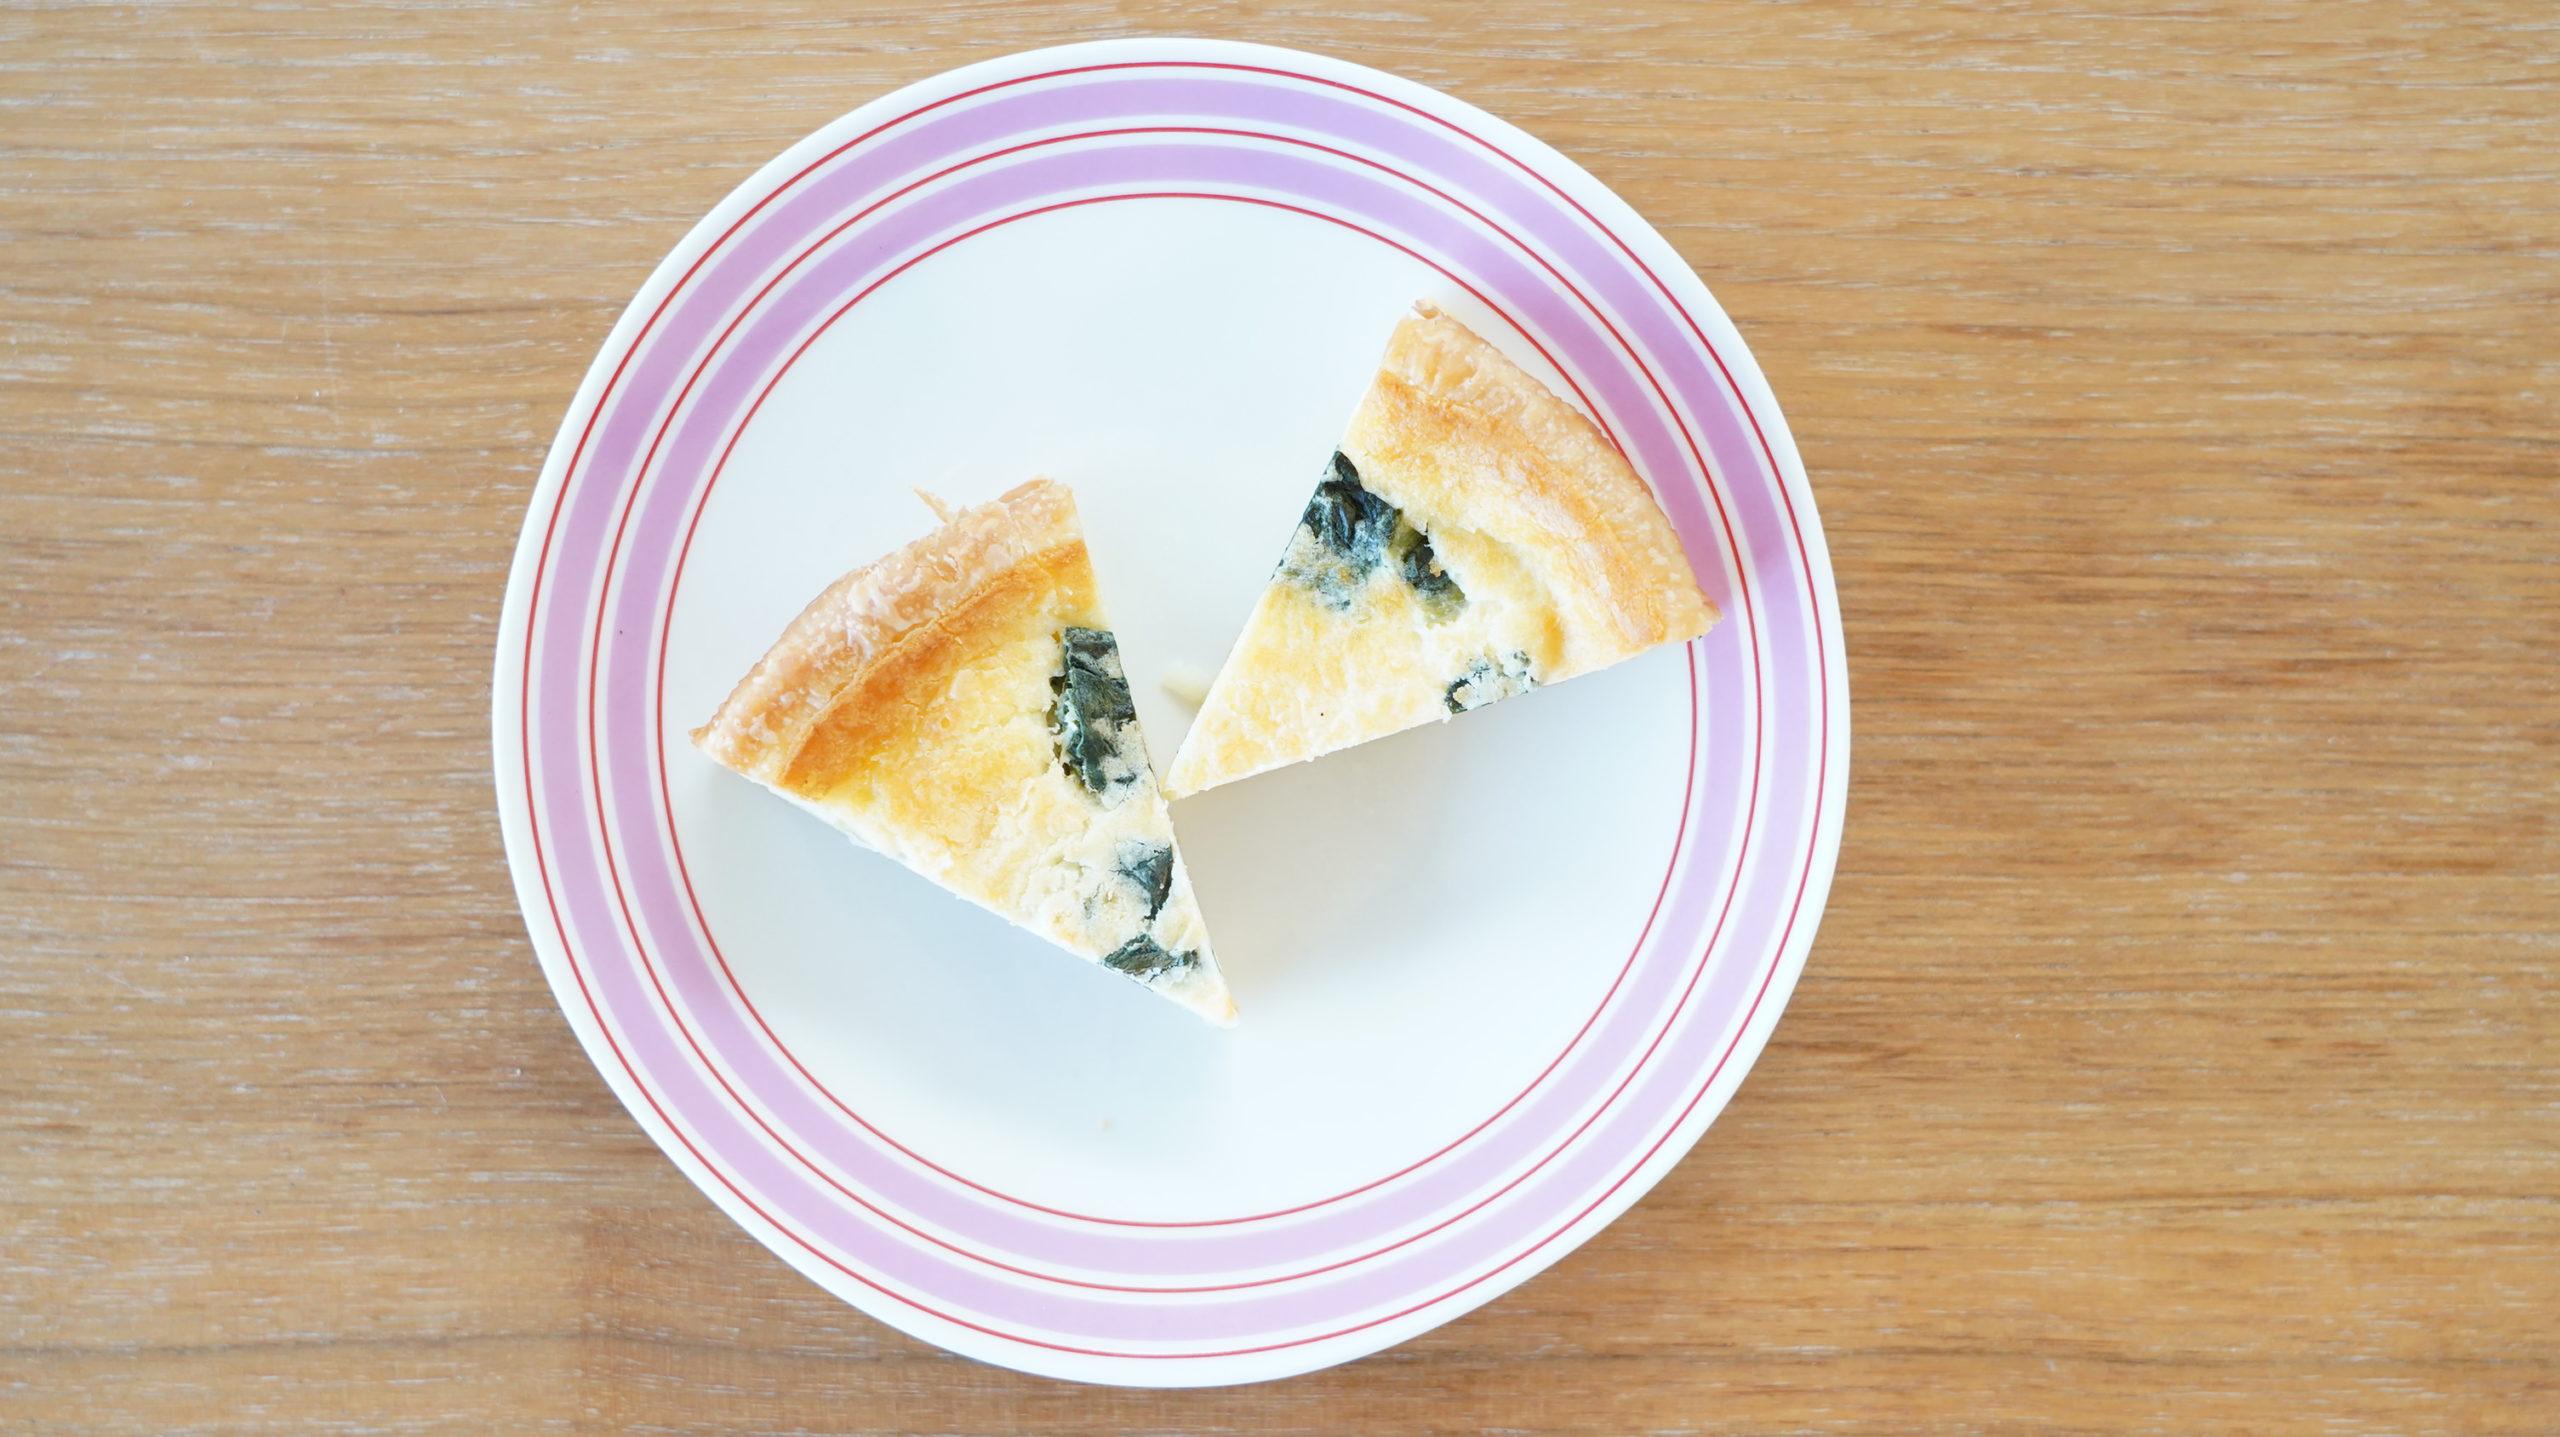 ローソンの冷凍食品「ベーコンとほうれん草のキッシュ」を上から撮影した写真